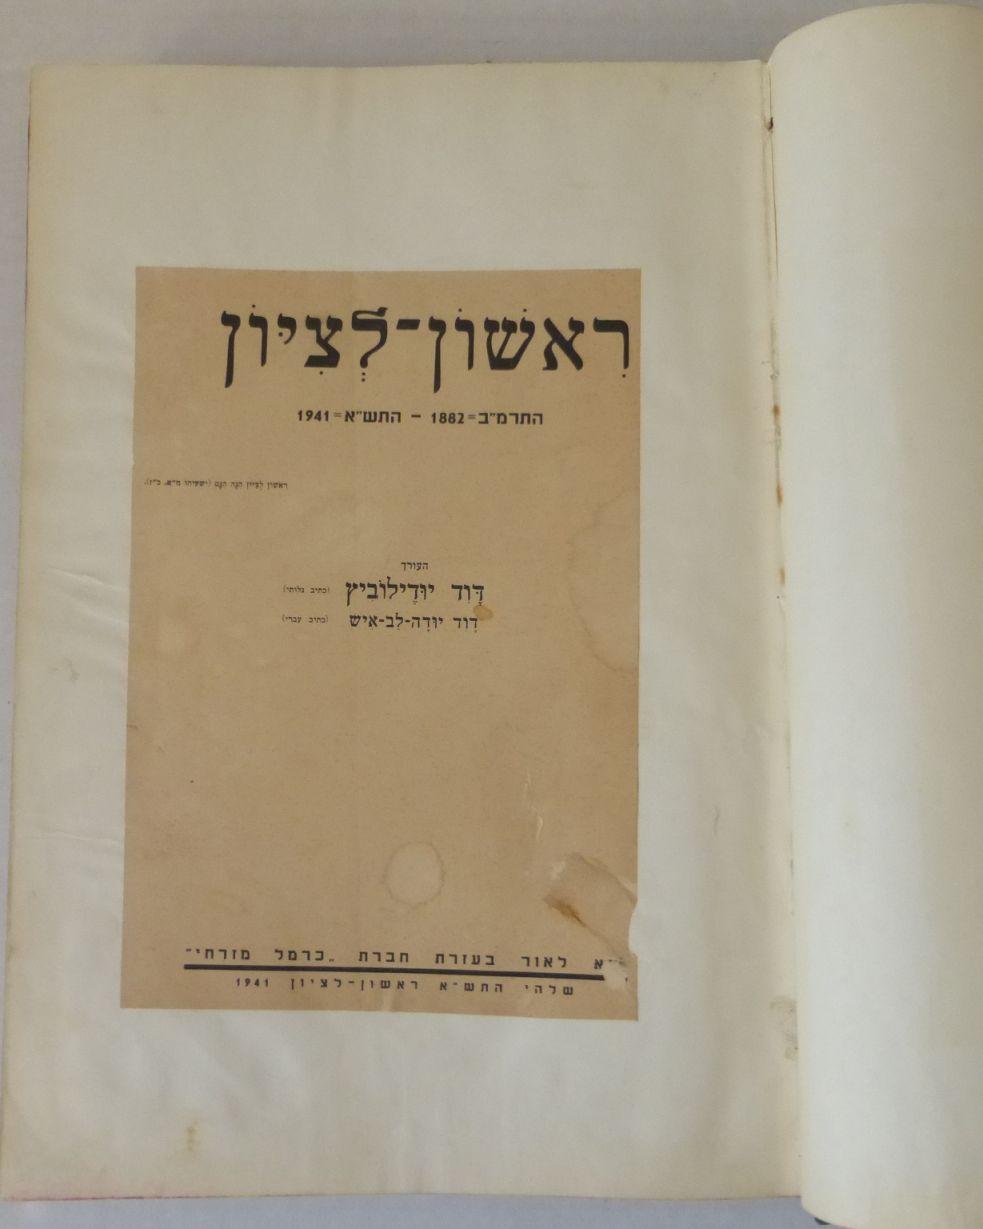 """ראשון לציון תרמ""""ב-1882 עד תש""""א 1941, הוצא בעזרת כרמל מזרחי, רשל""""ץ תש""""א 1941, 562 עמ', (דפים 481-496 לבנים)"""